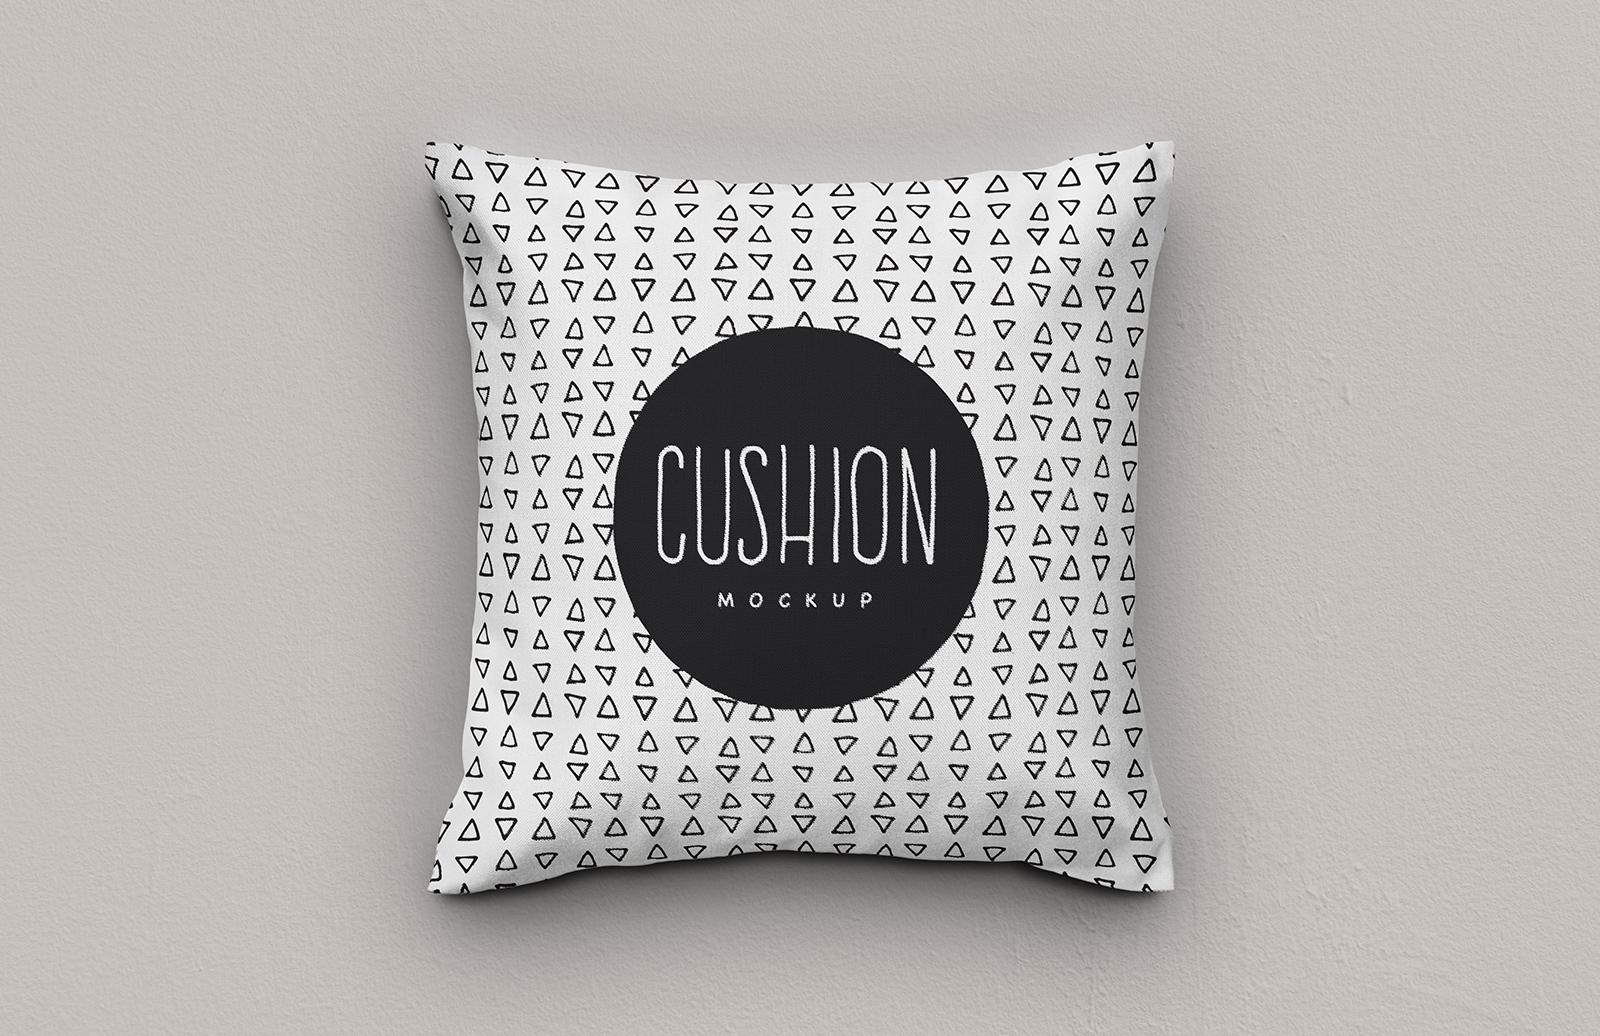 Cushion Photoshop Mockup